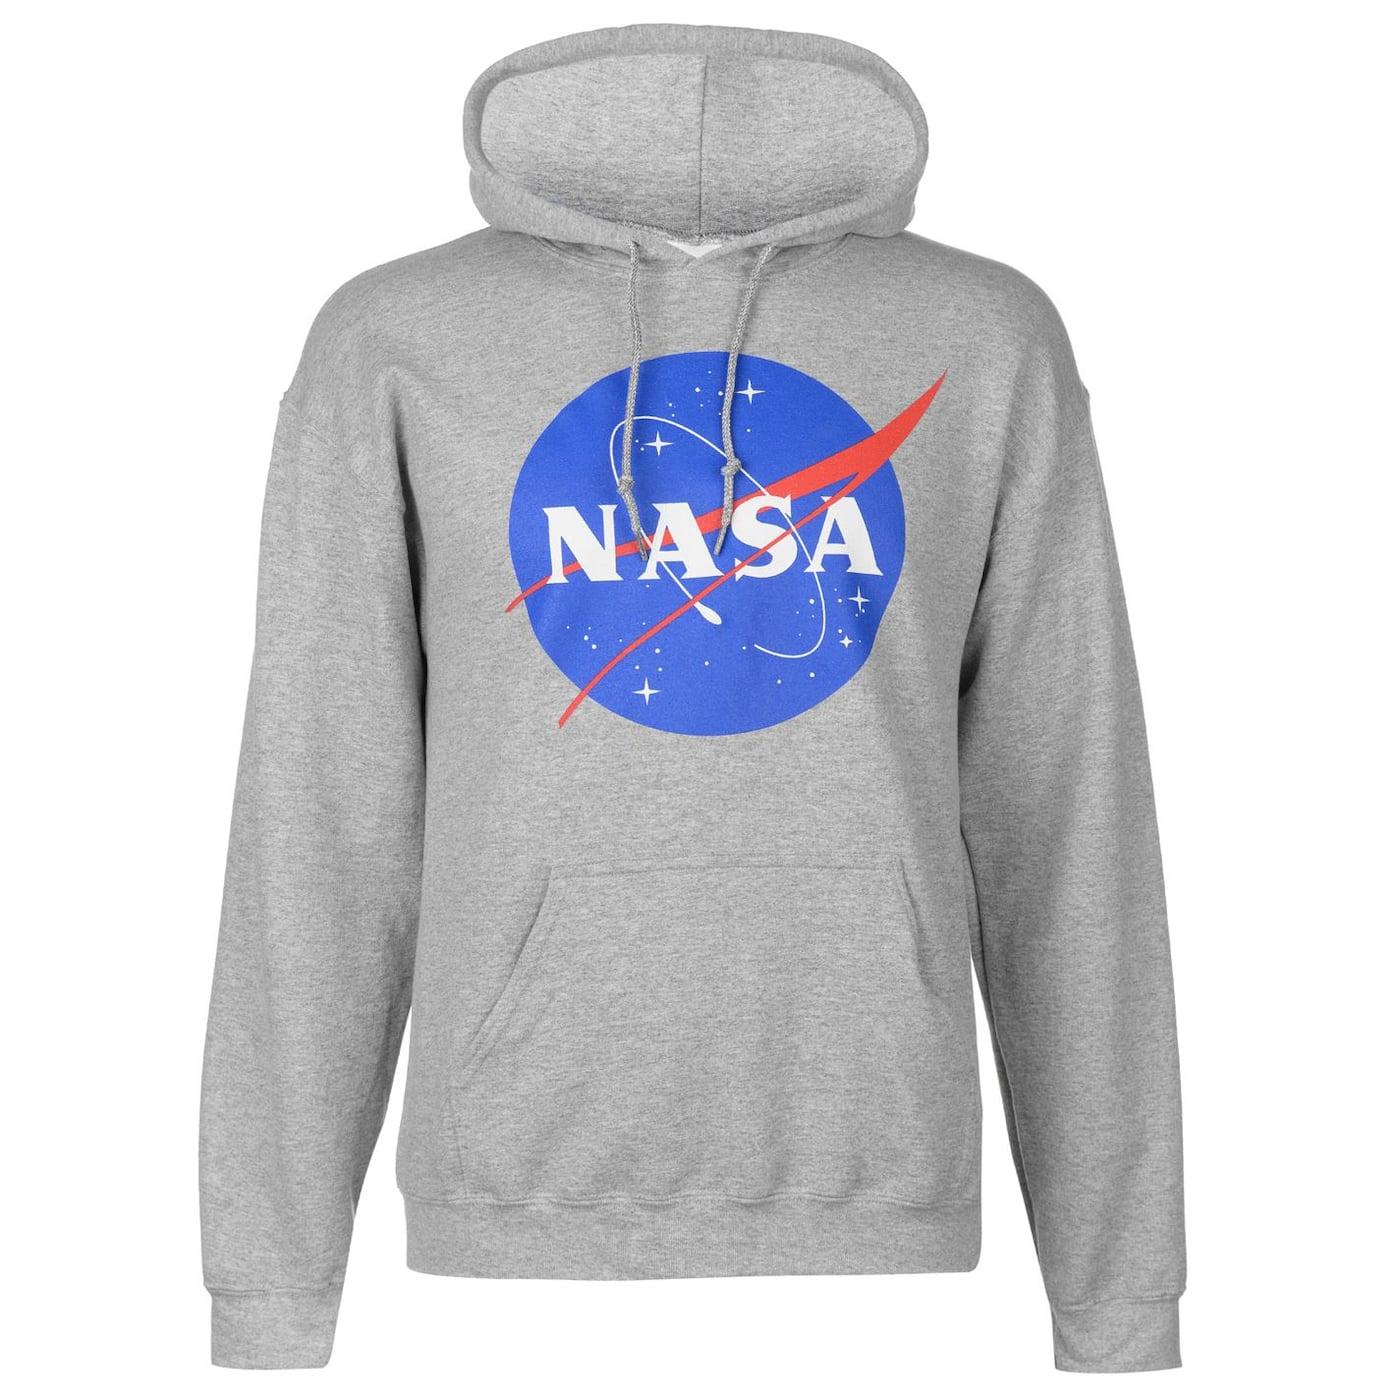 official nasa sweatshirt - HD1024×1024